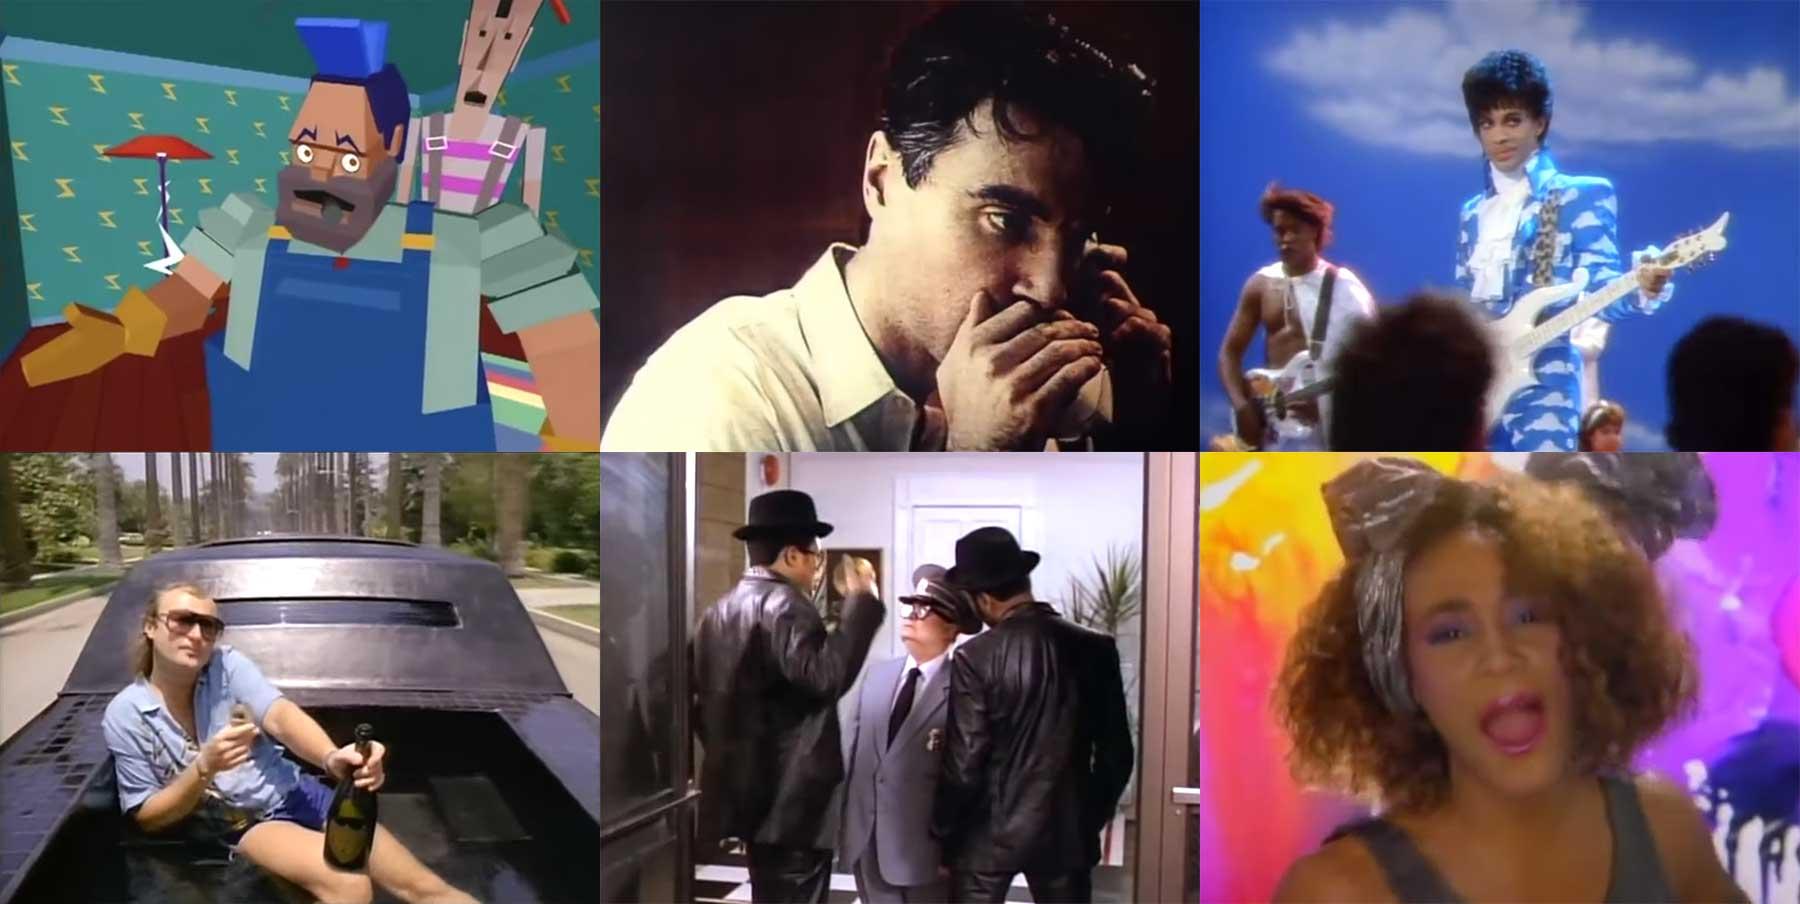 Mashup: 50 Songs aus dem Jahr 1985 in 3 Minuten the-hood-internet-1985-mashup